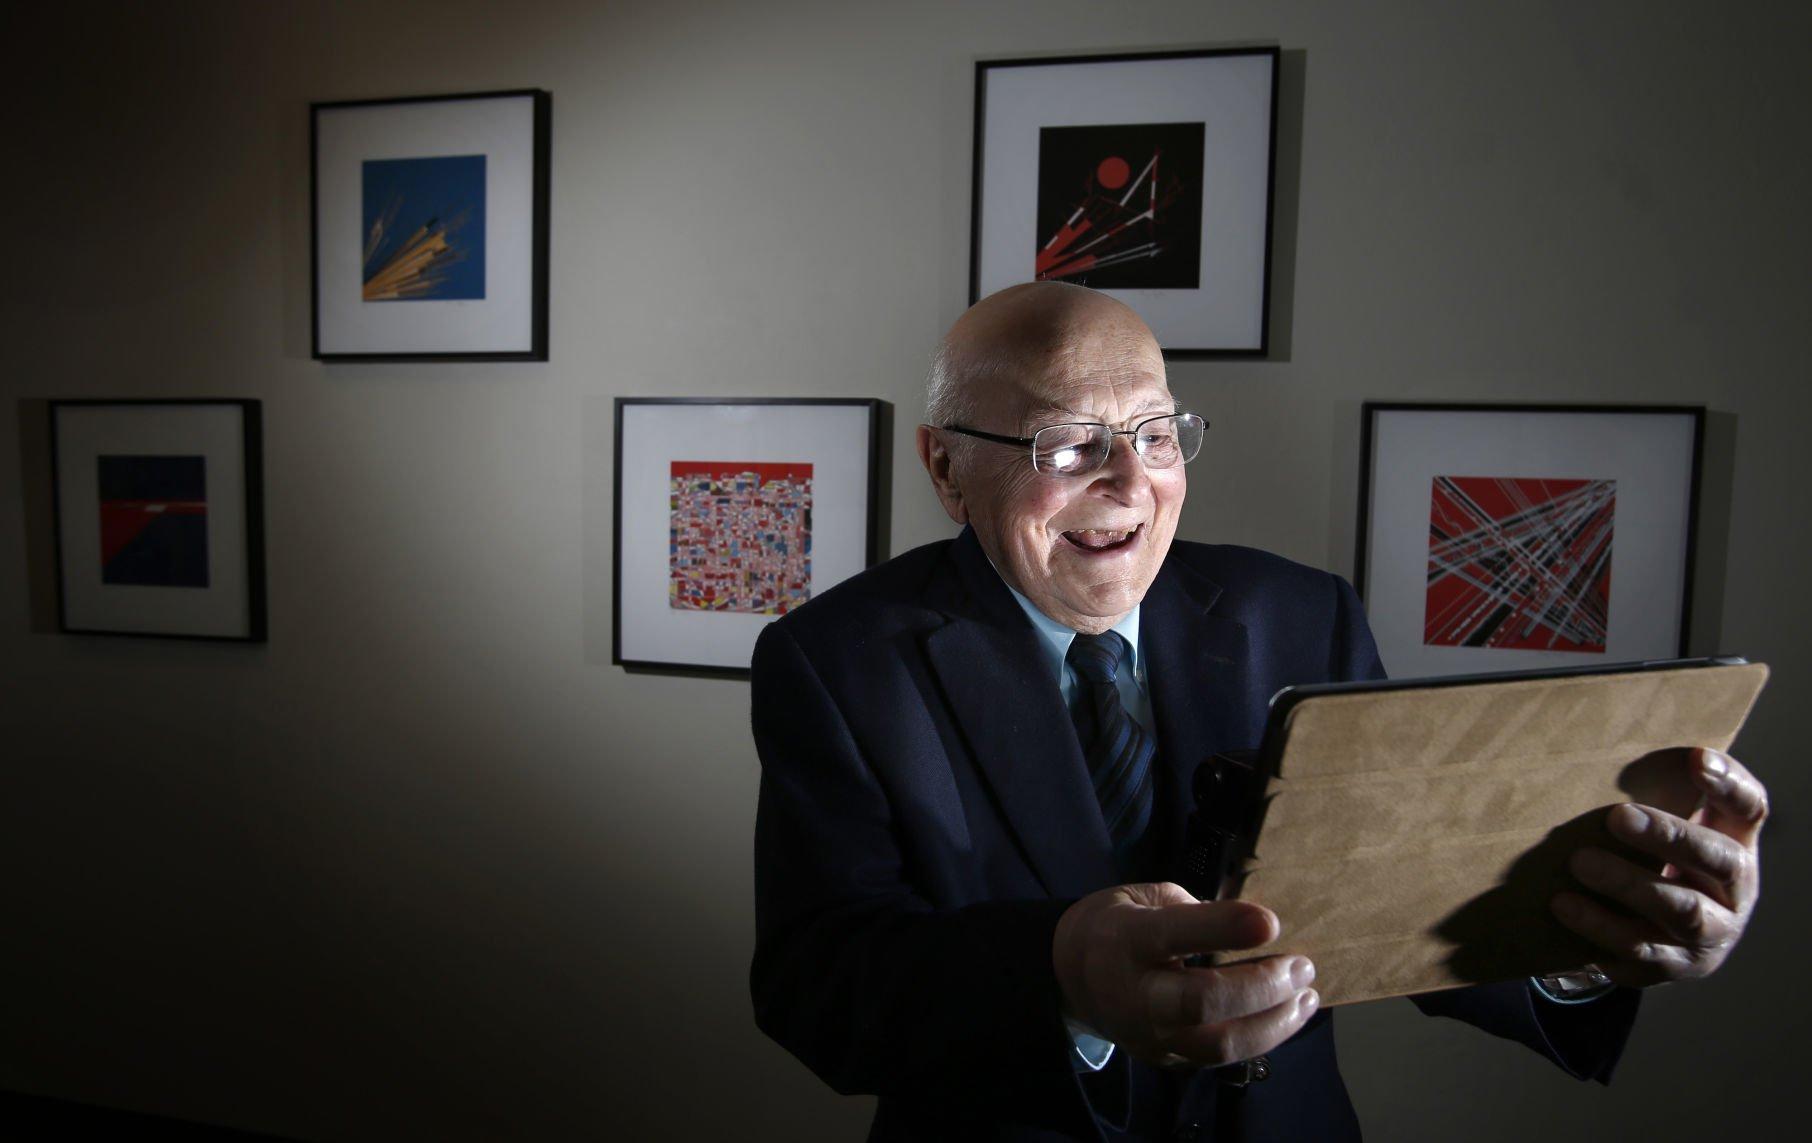 Henry Koffler former University of Arizona president